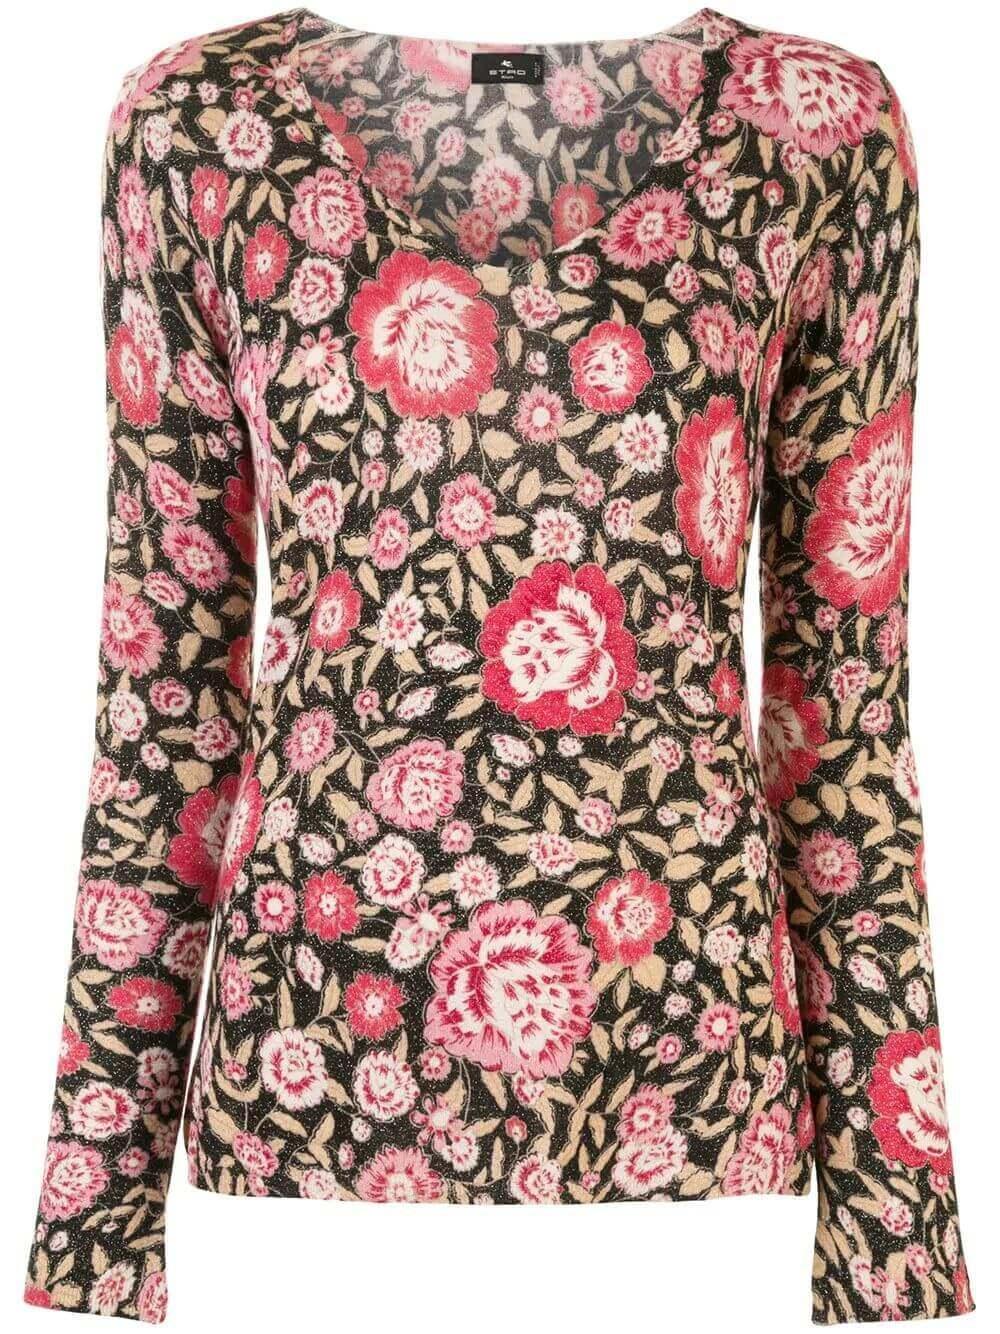 Floral Lurex V Neck Top Item # 19362-9174